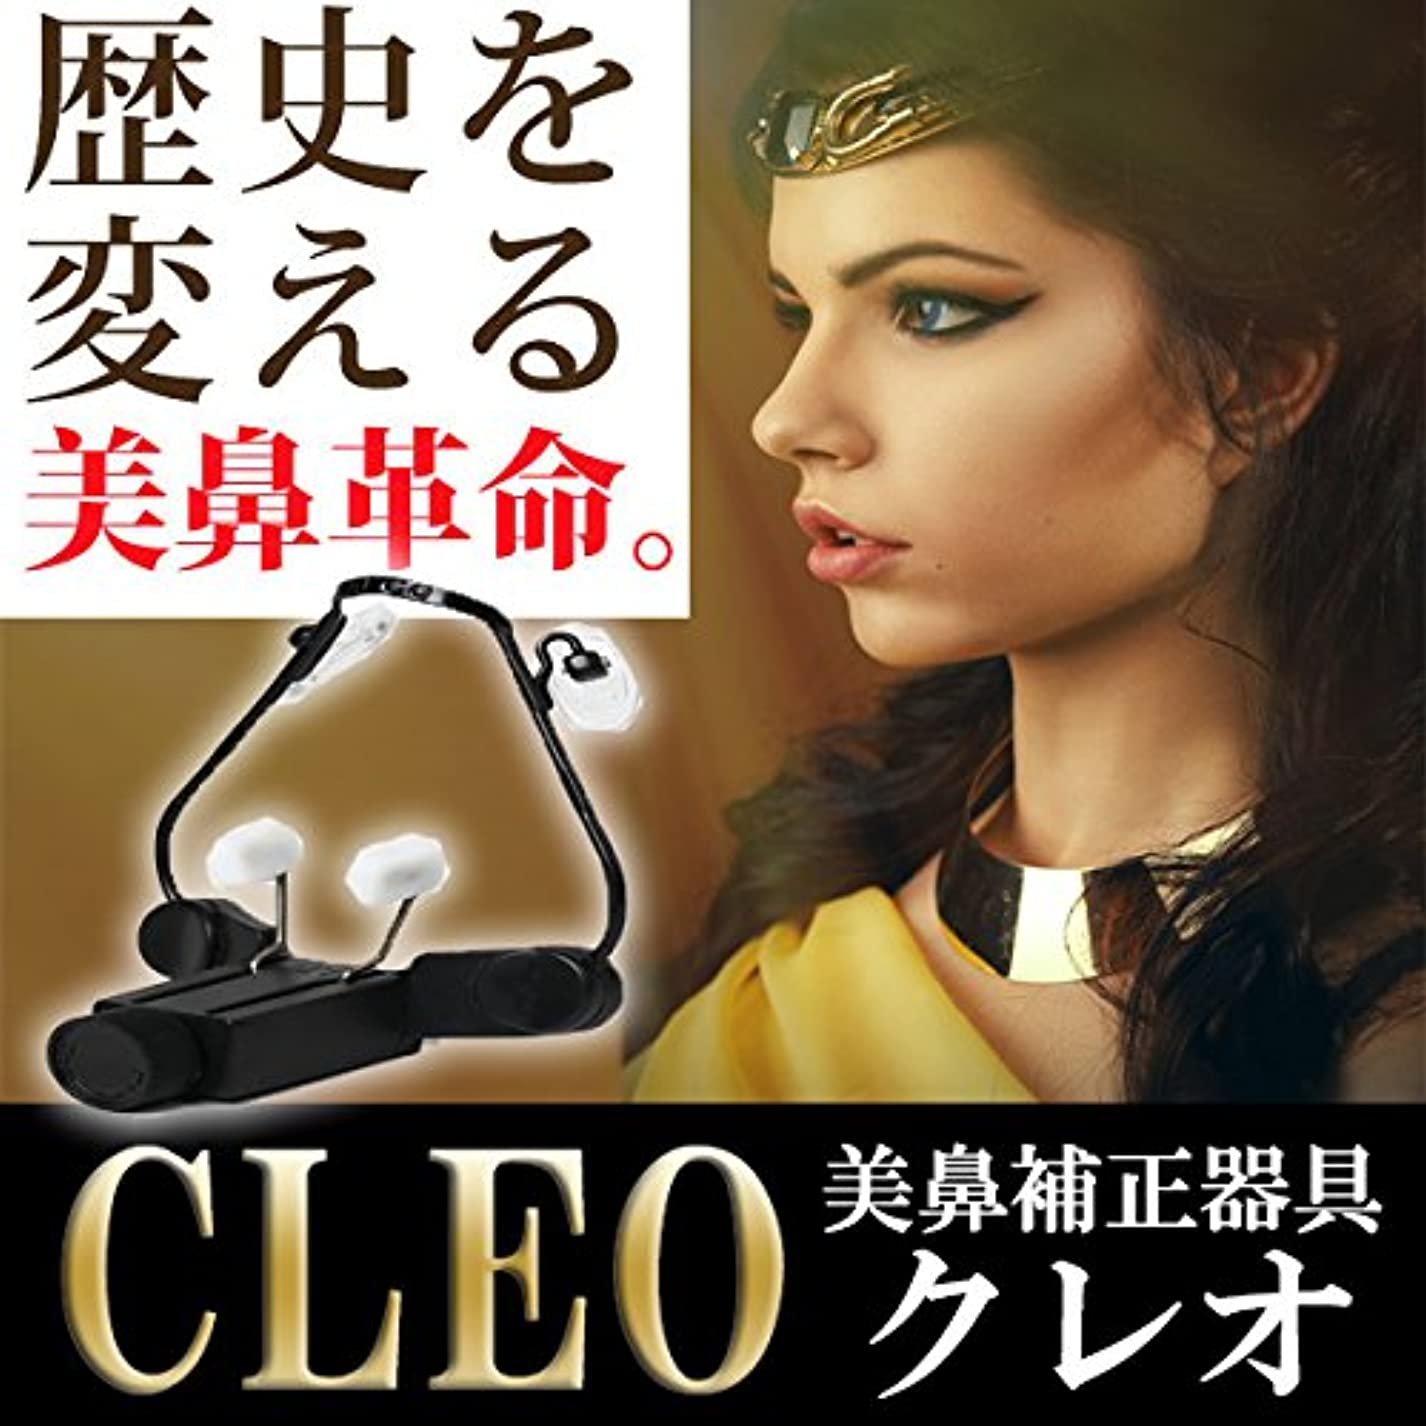 無分ジャグリング美鼻補整器具CLEO(クレオ)|1日10分できりっと通った鼻筋を目指せ!